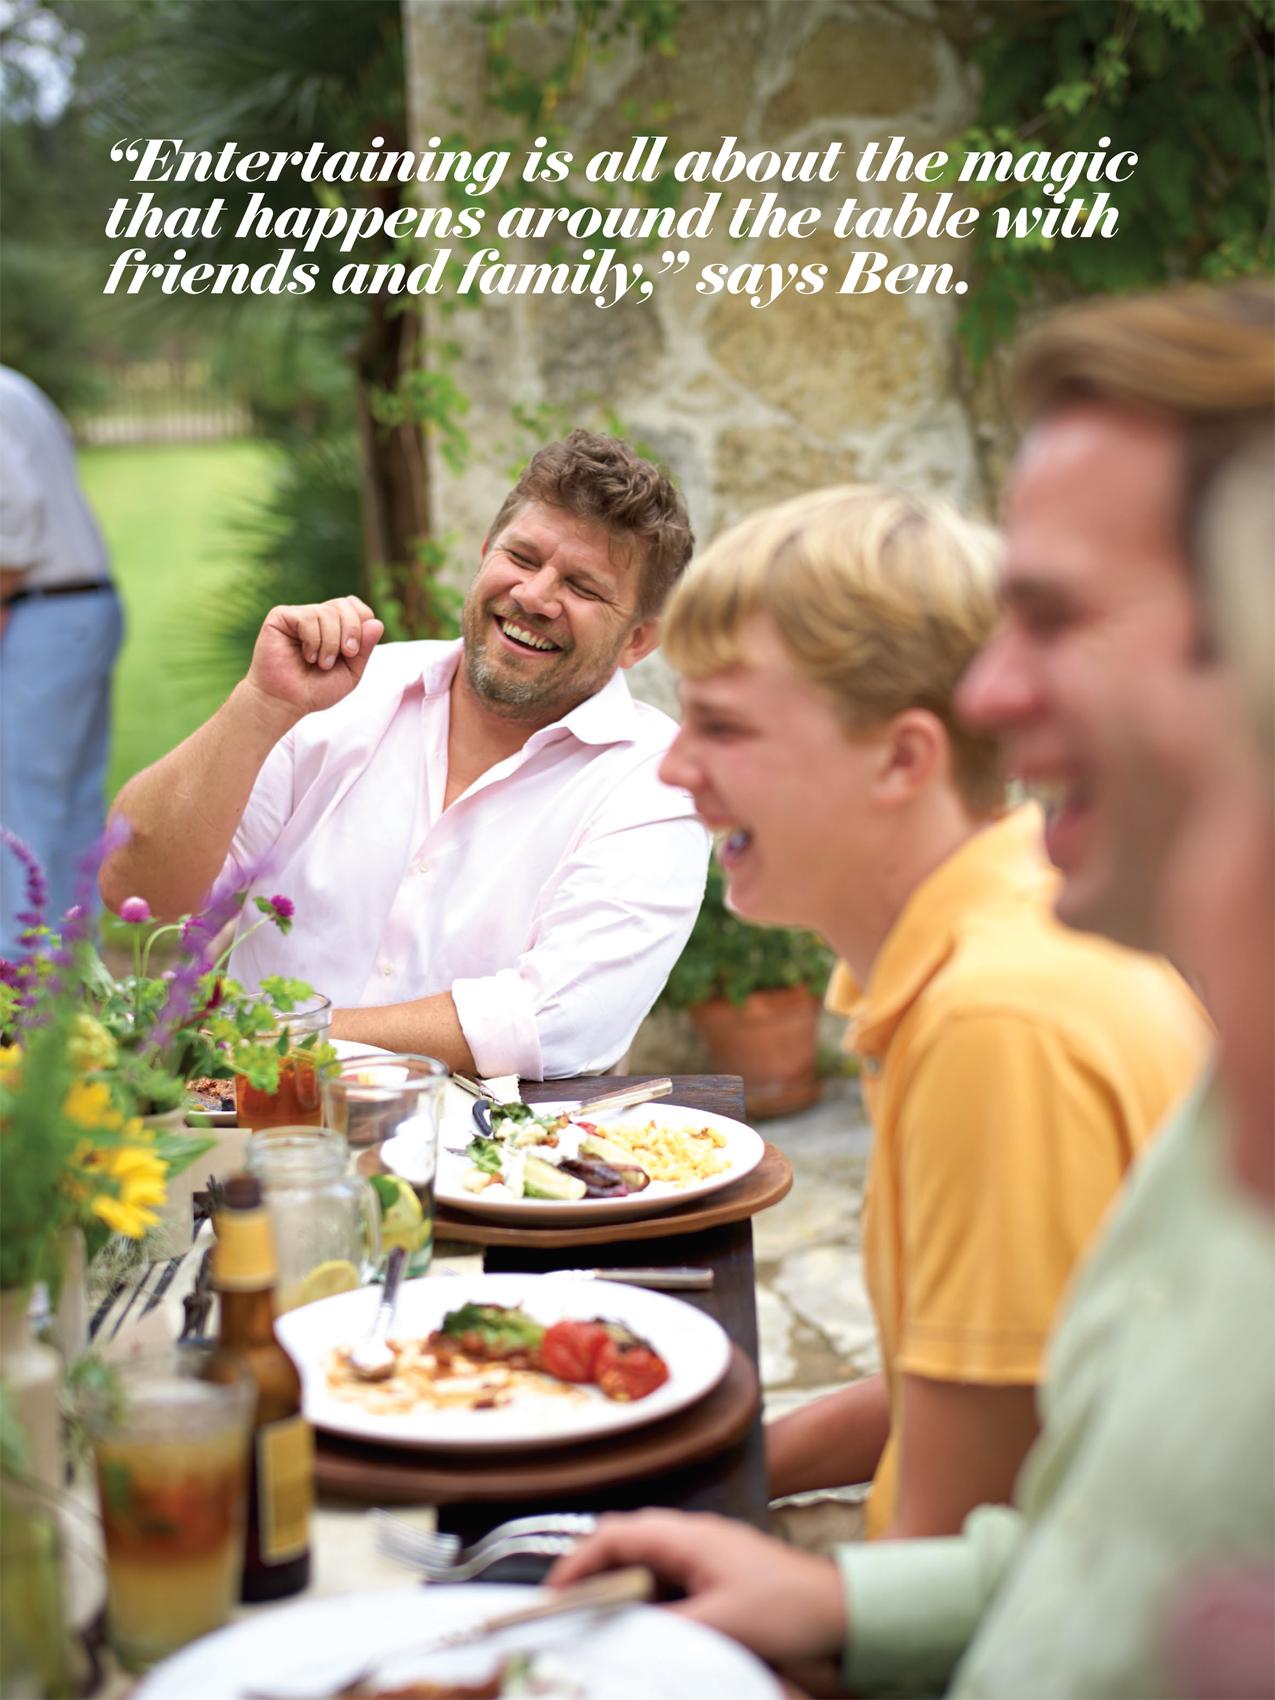 ChristopherWhite-FamilyCircle-BenFord-2.jpg